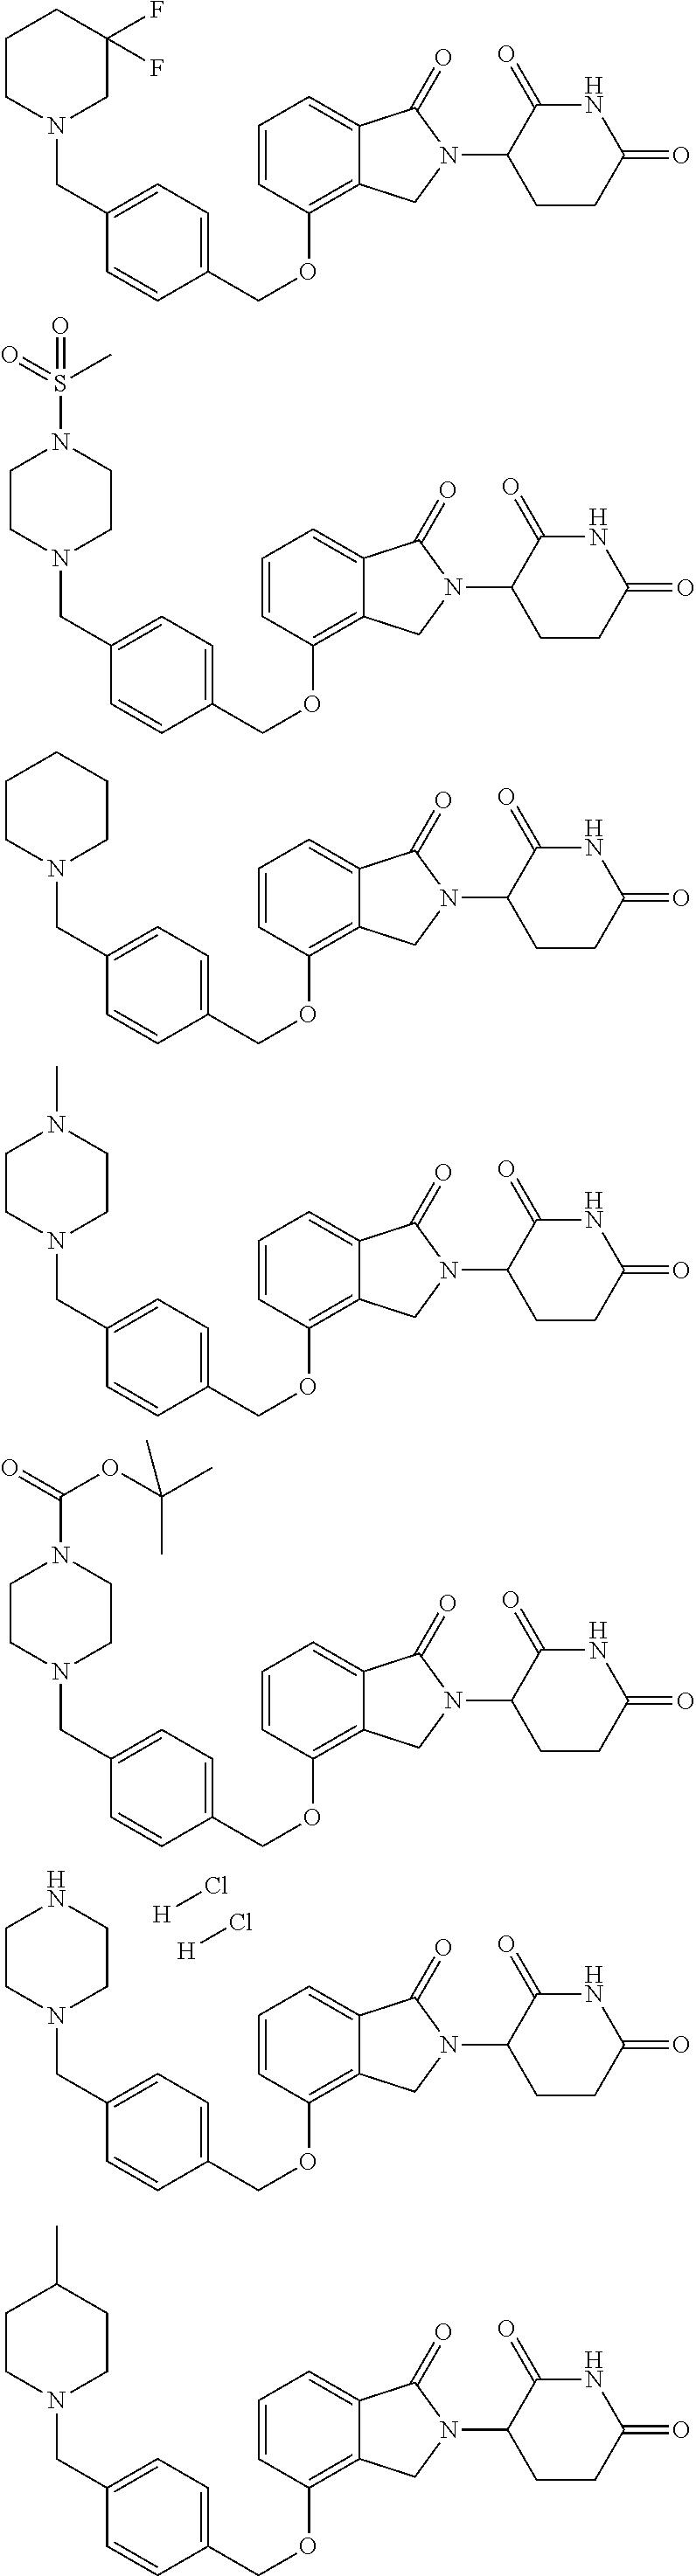 Figure US09822094-20171121-C00037